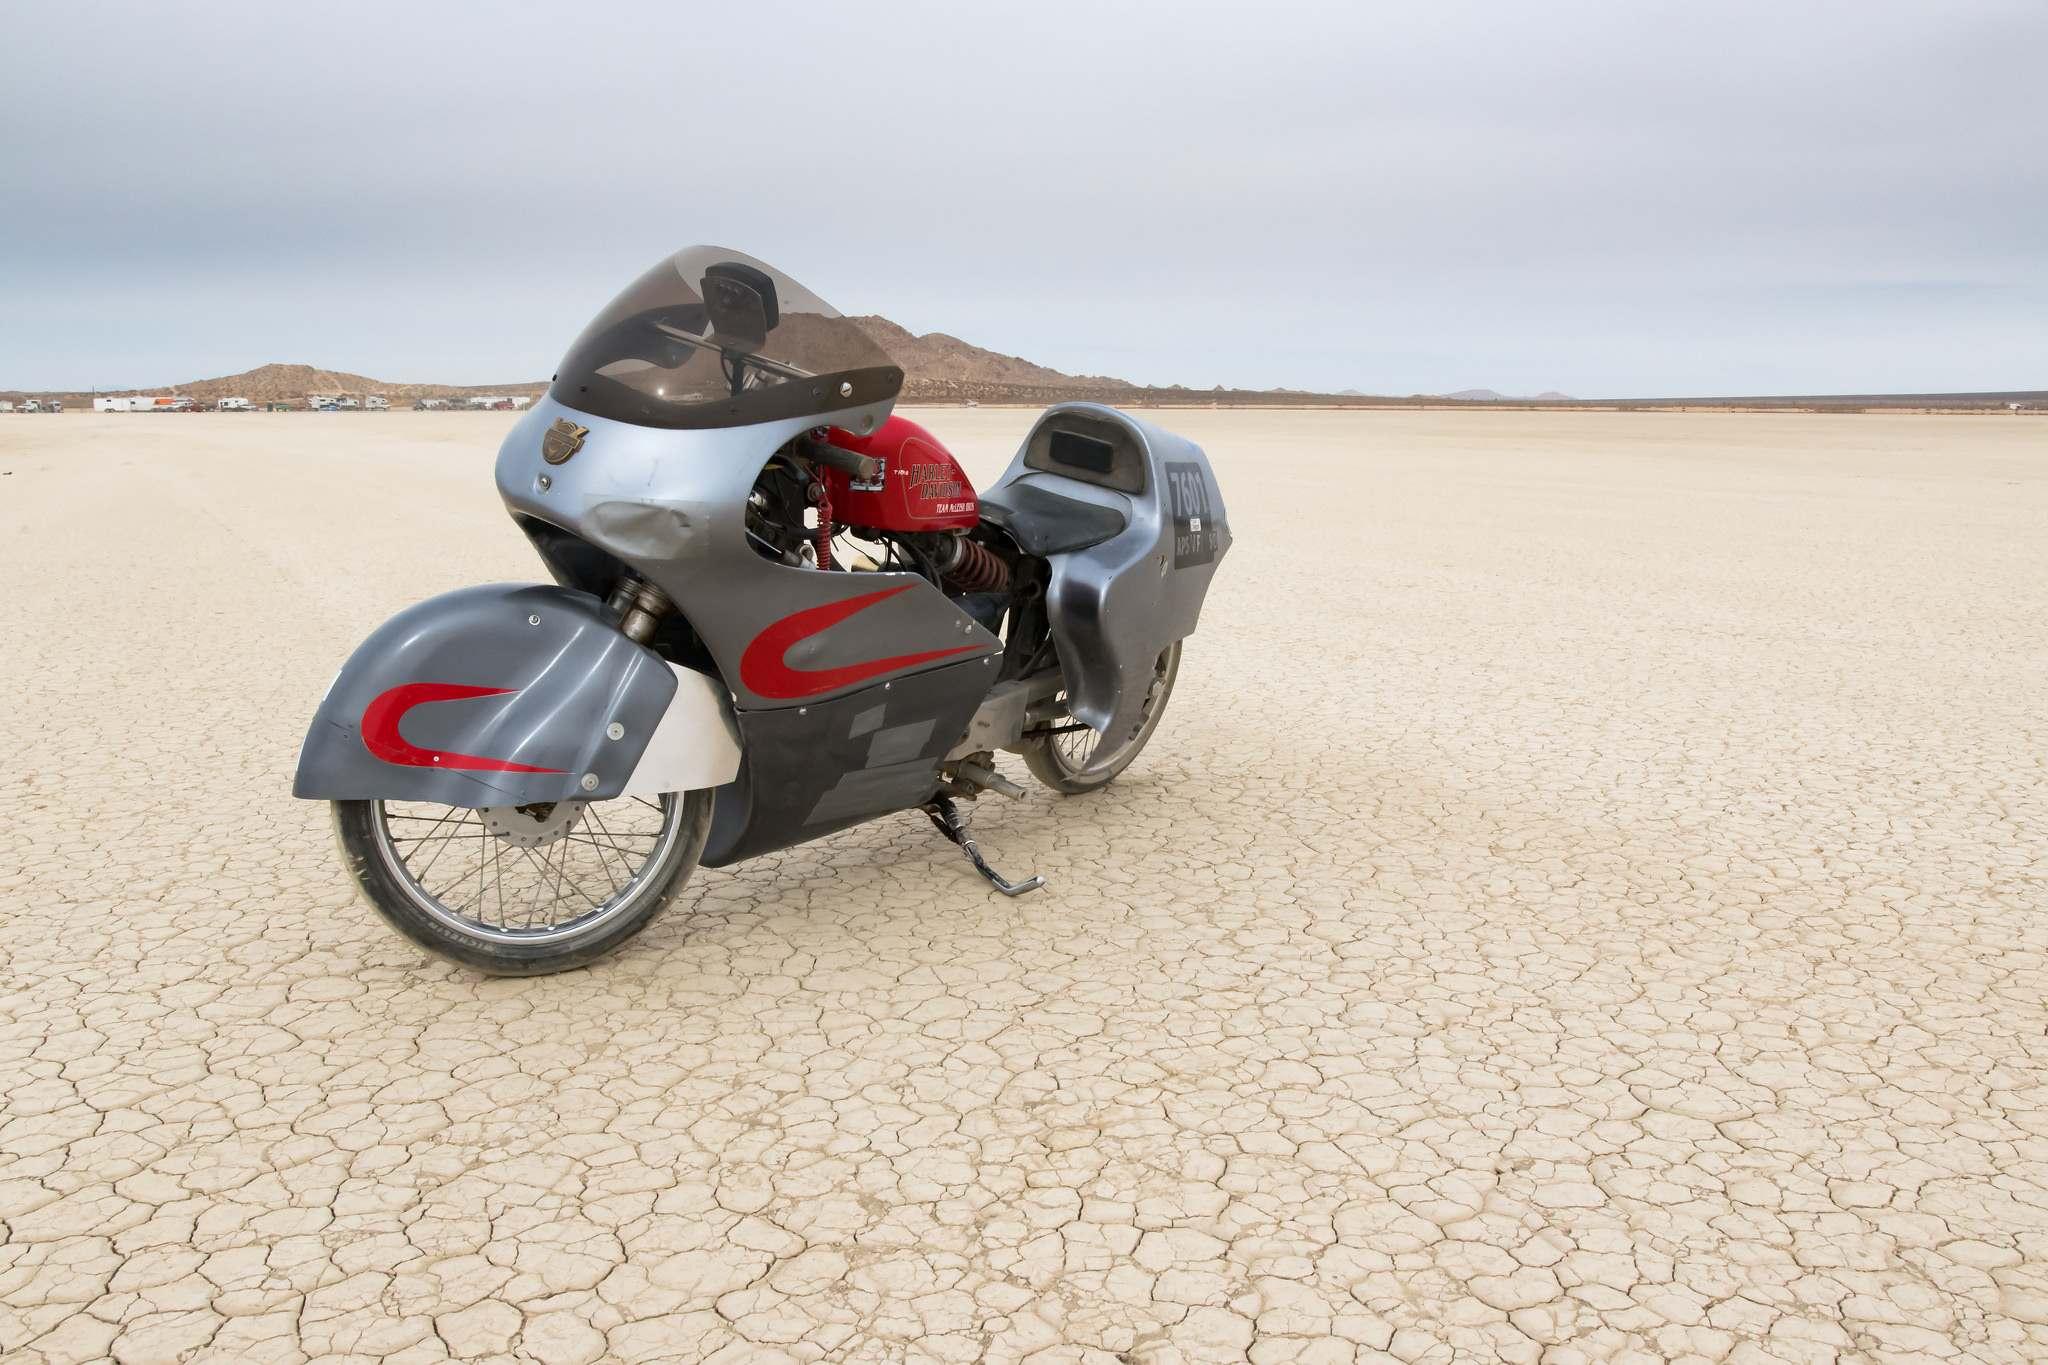 land speed racing5 Speed Racing at El Mirage Dry Lake